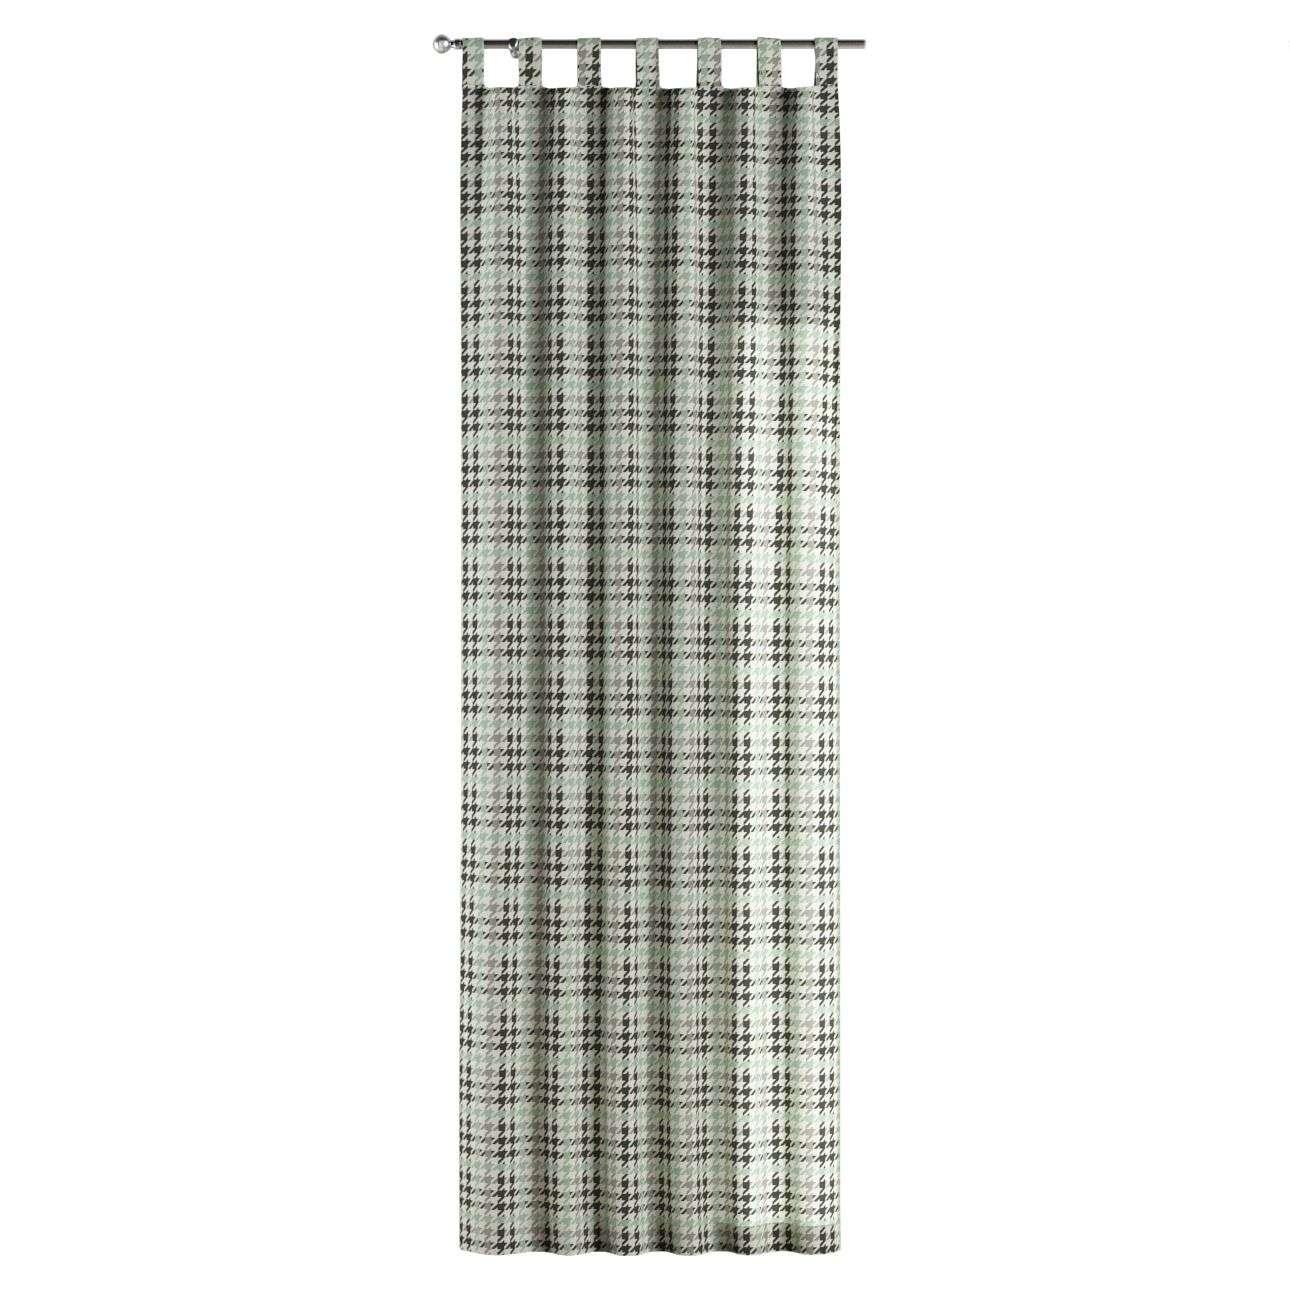 Schlaufenschal 130 x 260 cm von der Kollektion Brooklyn, Stoff: 137-77